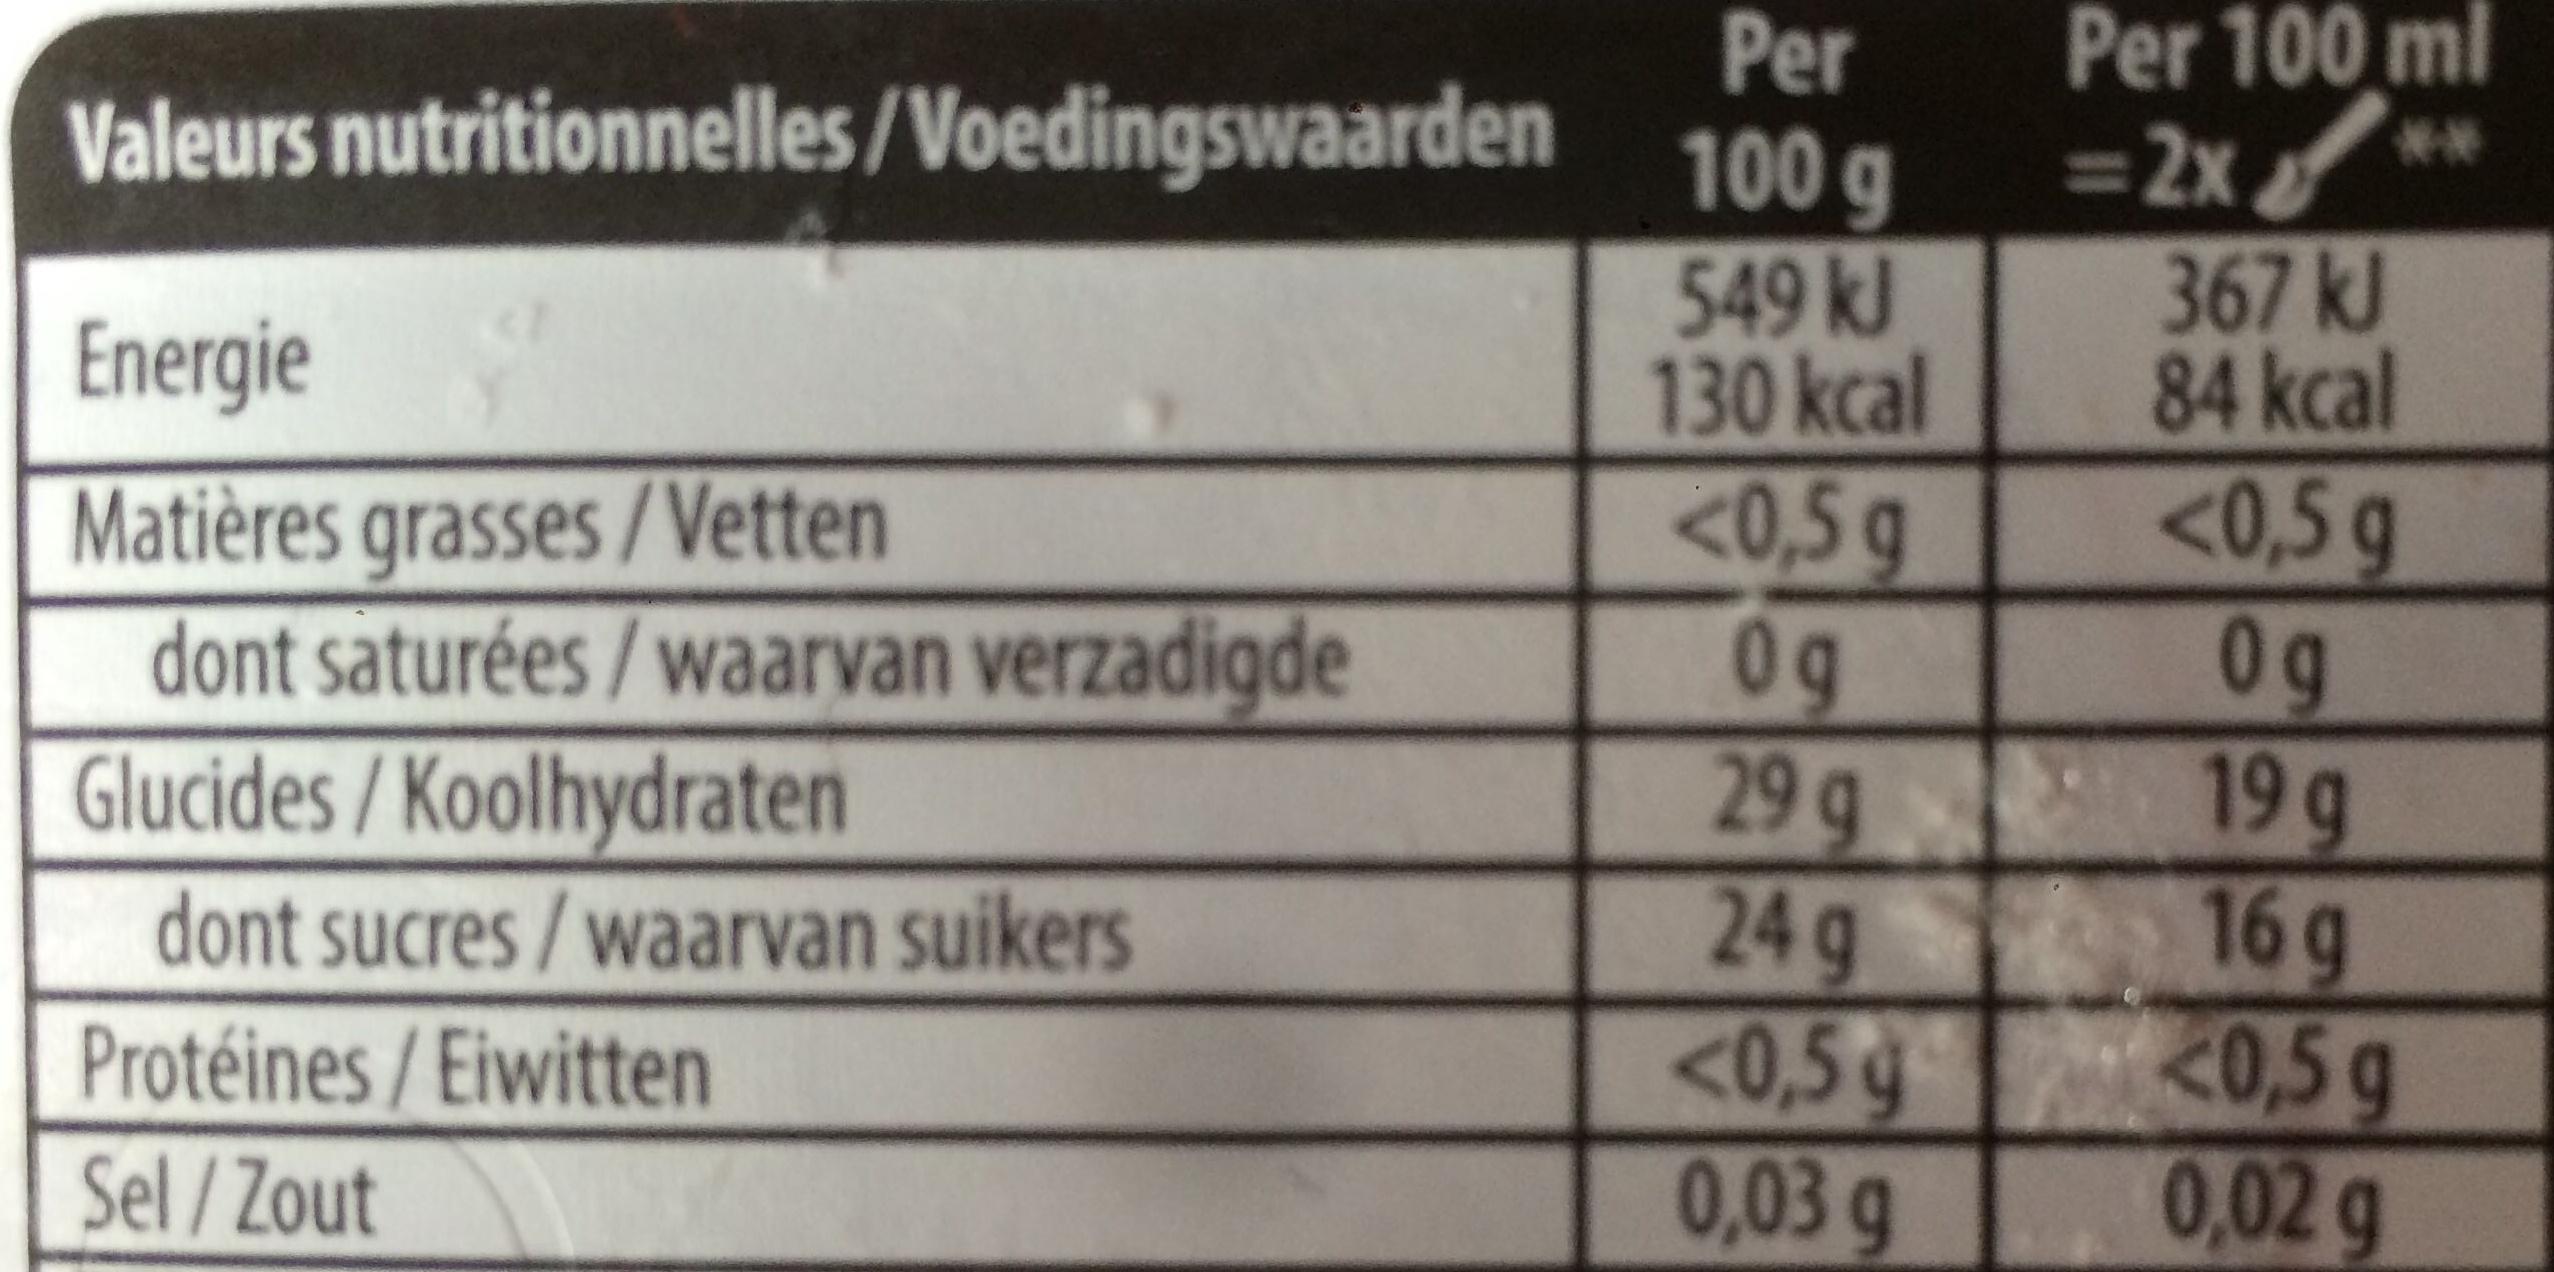 Sorbet framboise plein fruit - Informations nutritionnelles